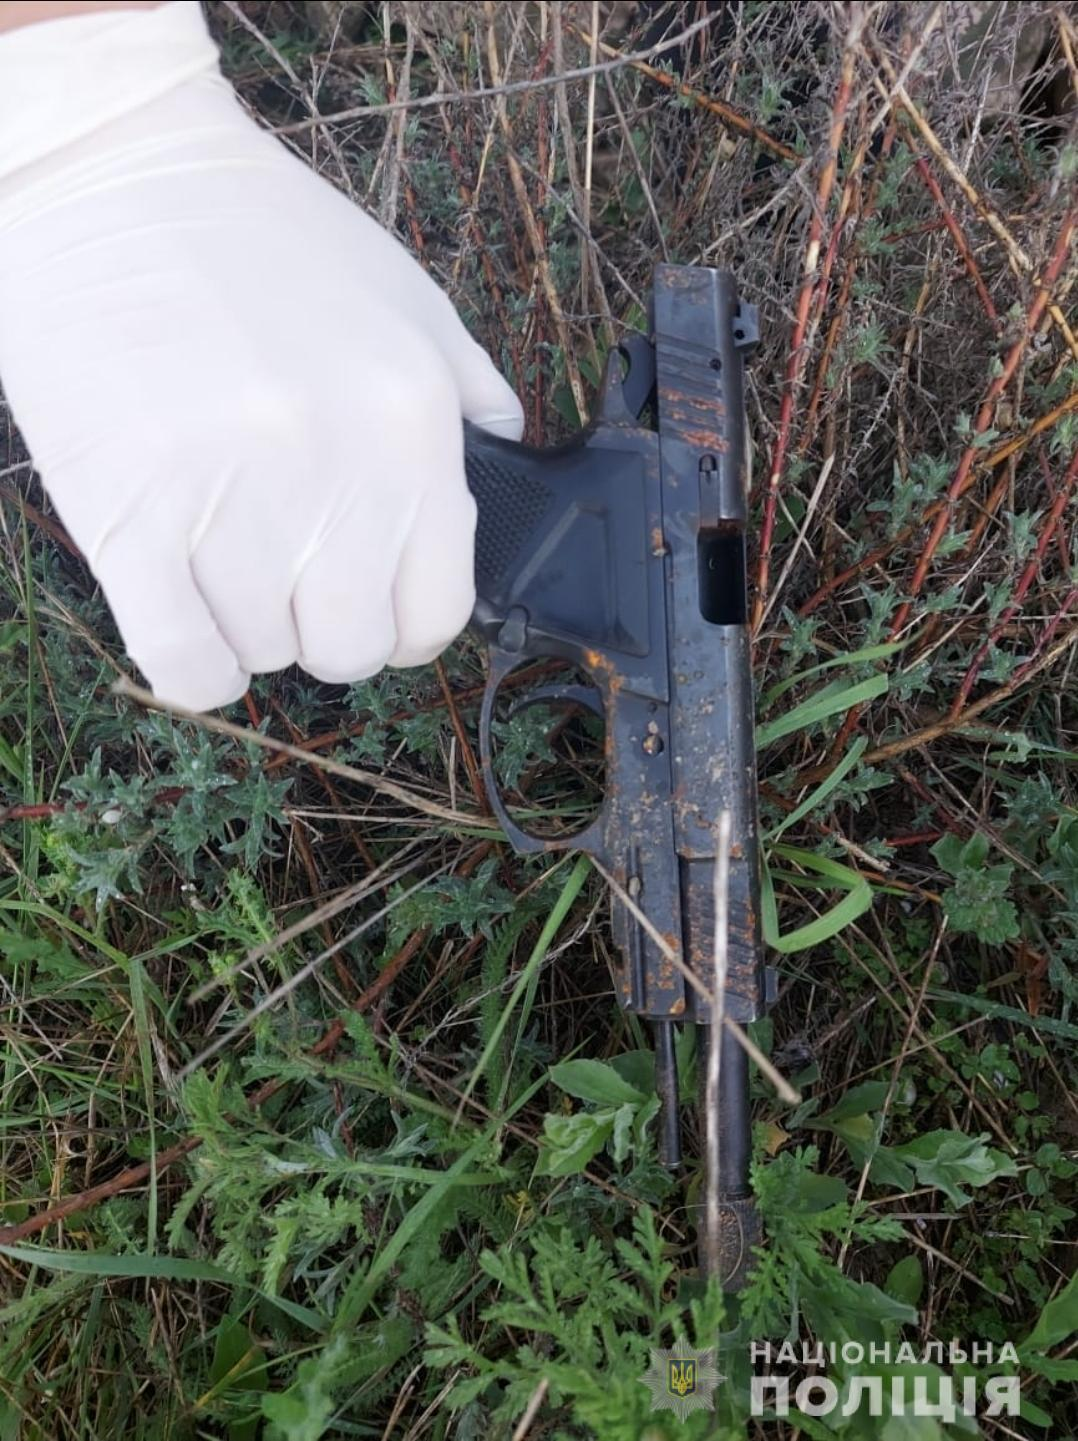 Полиция обнаружила пистолет на месте происшествия.